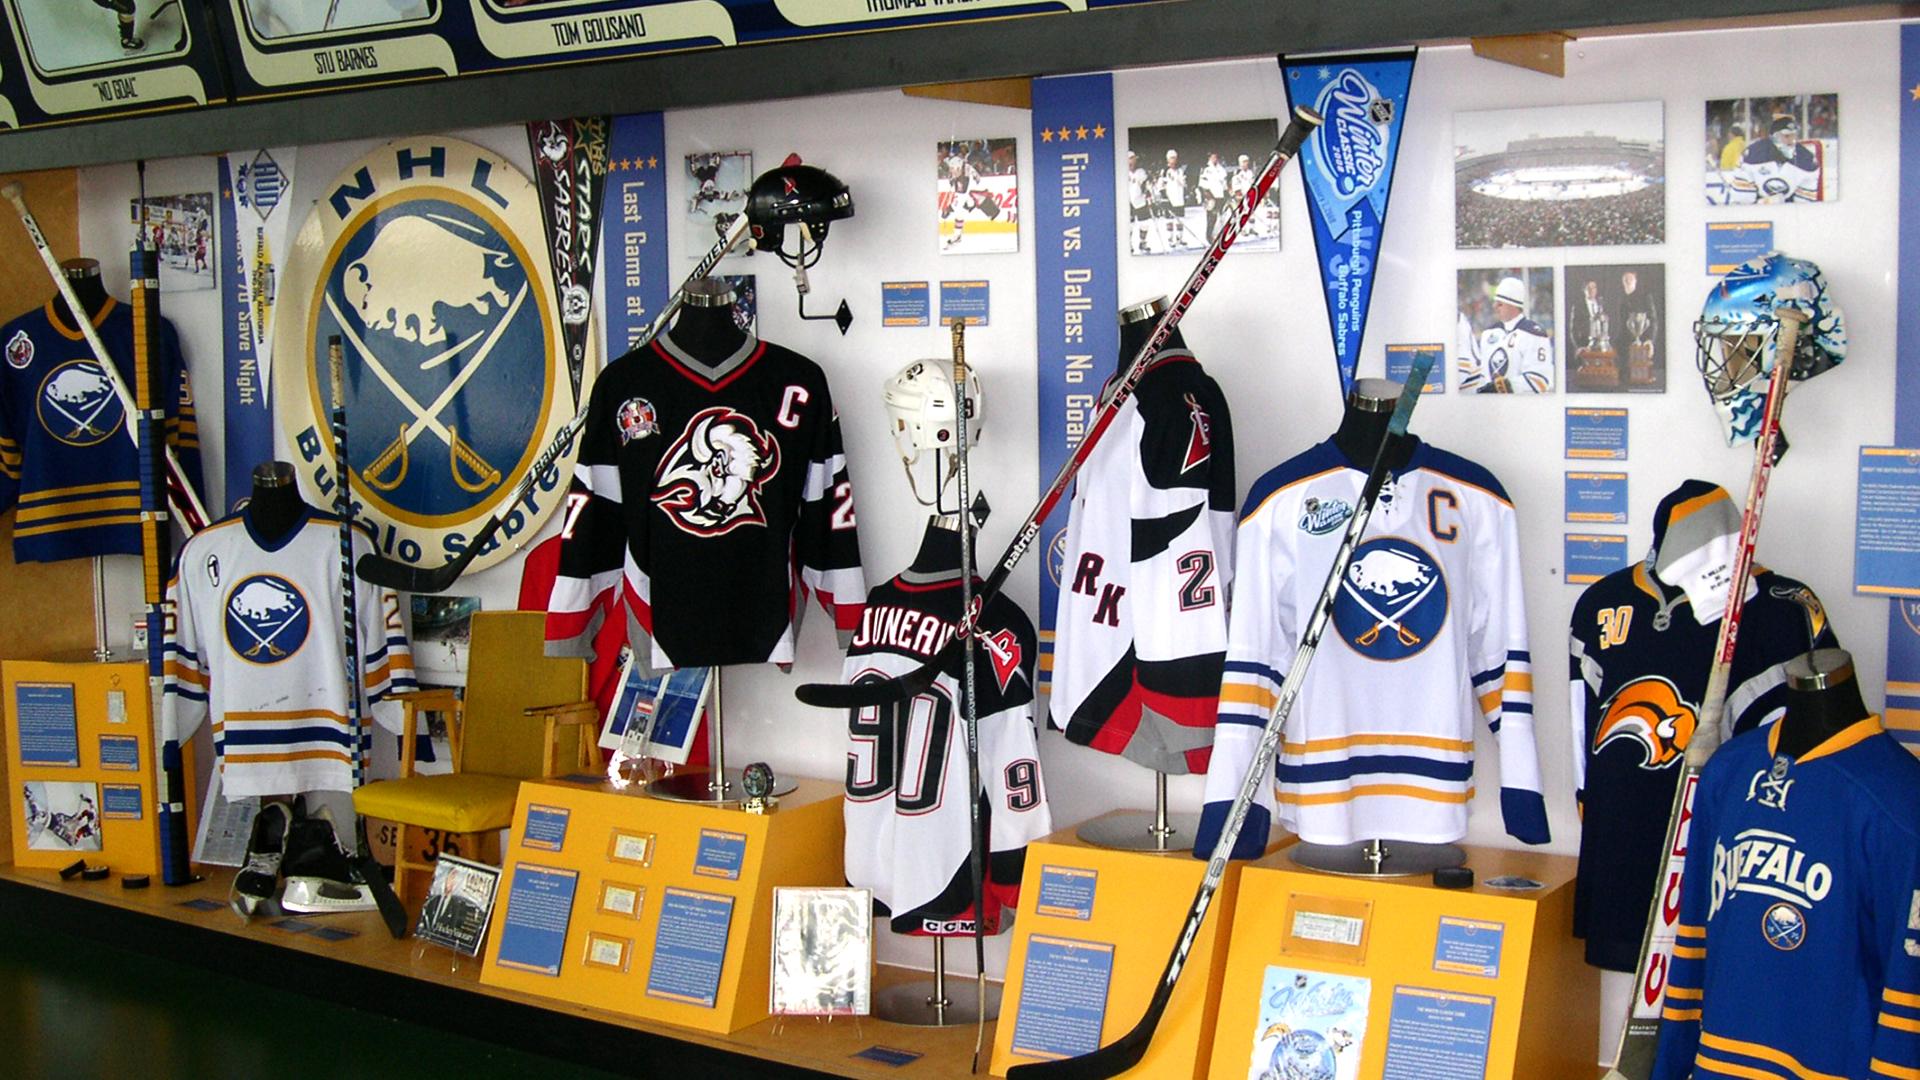 Exhibit design for Buffalo Sabres 40th Anniversary including hockey memorabilia